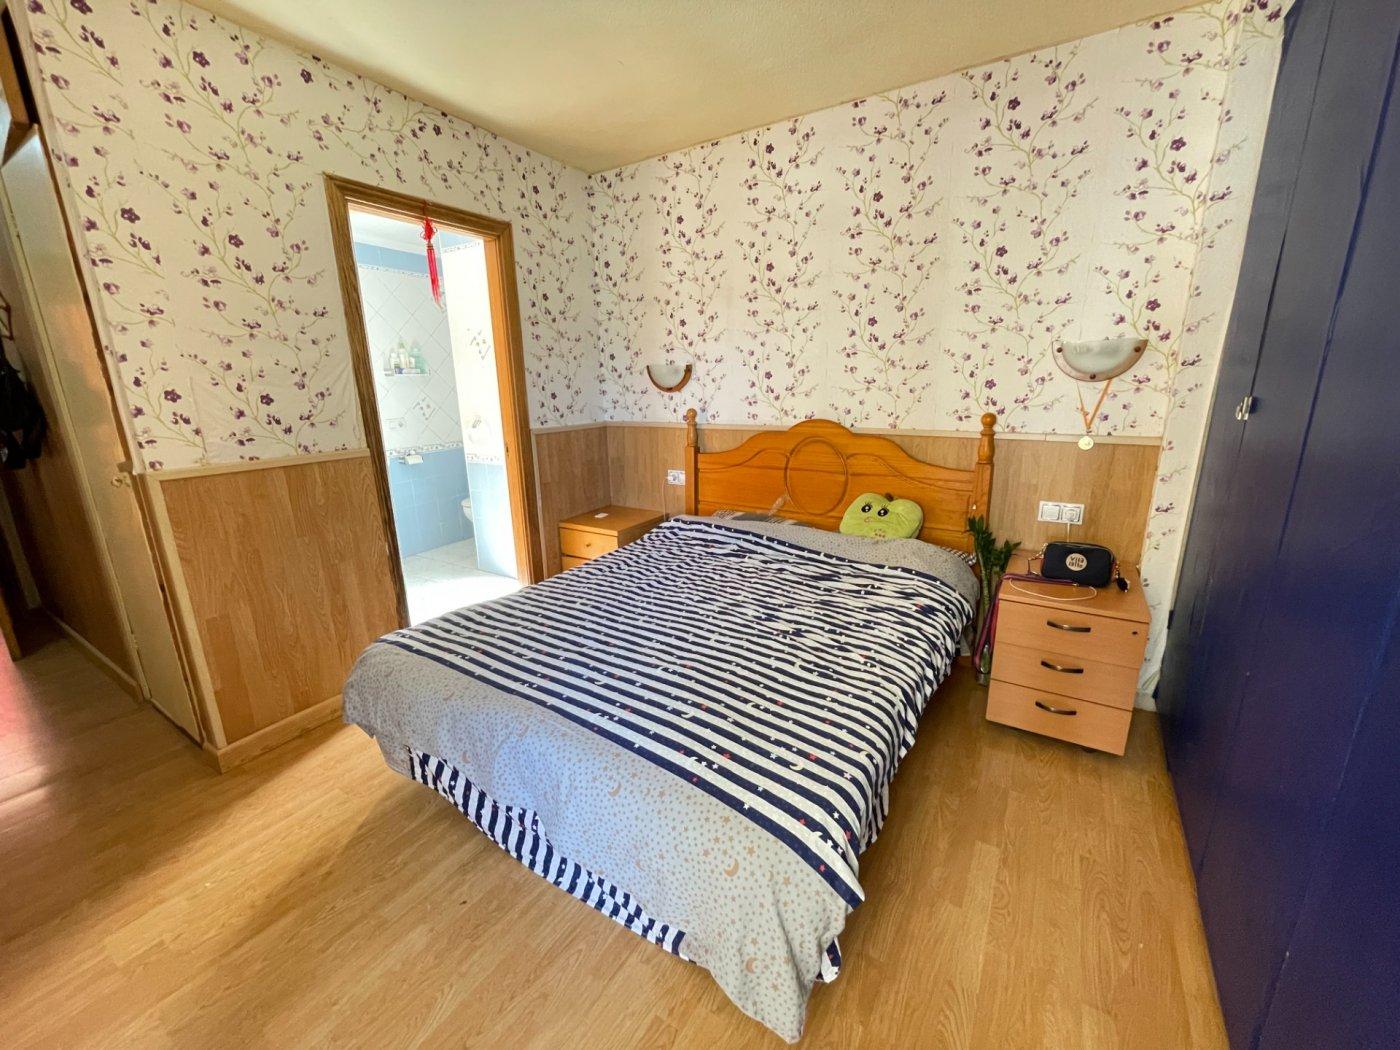 Se vende piso de dos dormitorios con piscina y parking comunitaria - imagenInmueble8